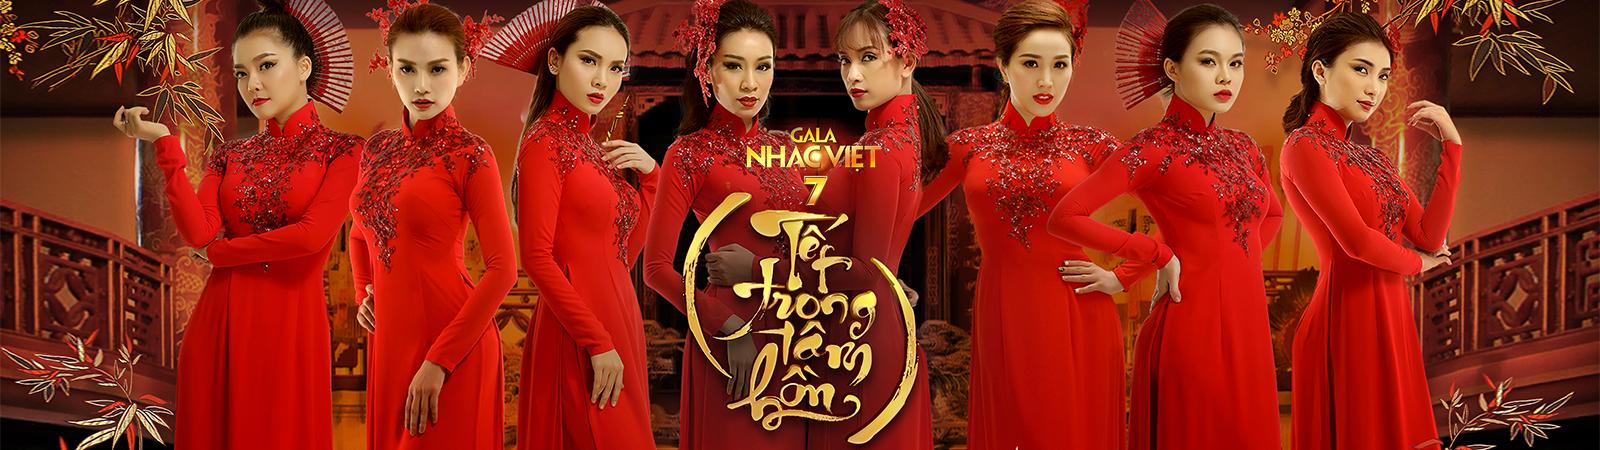 Gala Nhạc Việt 7 - Tết Trong Tâm Hồn